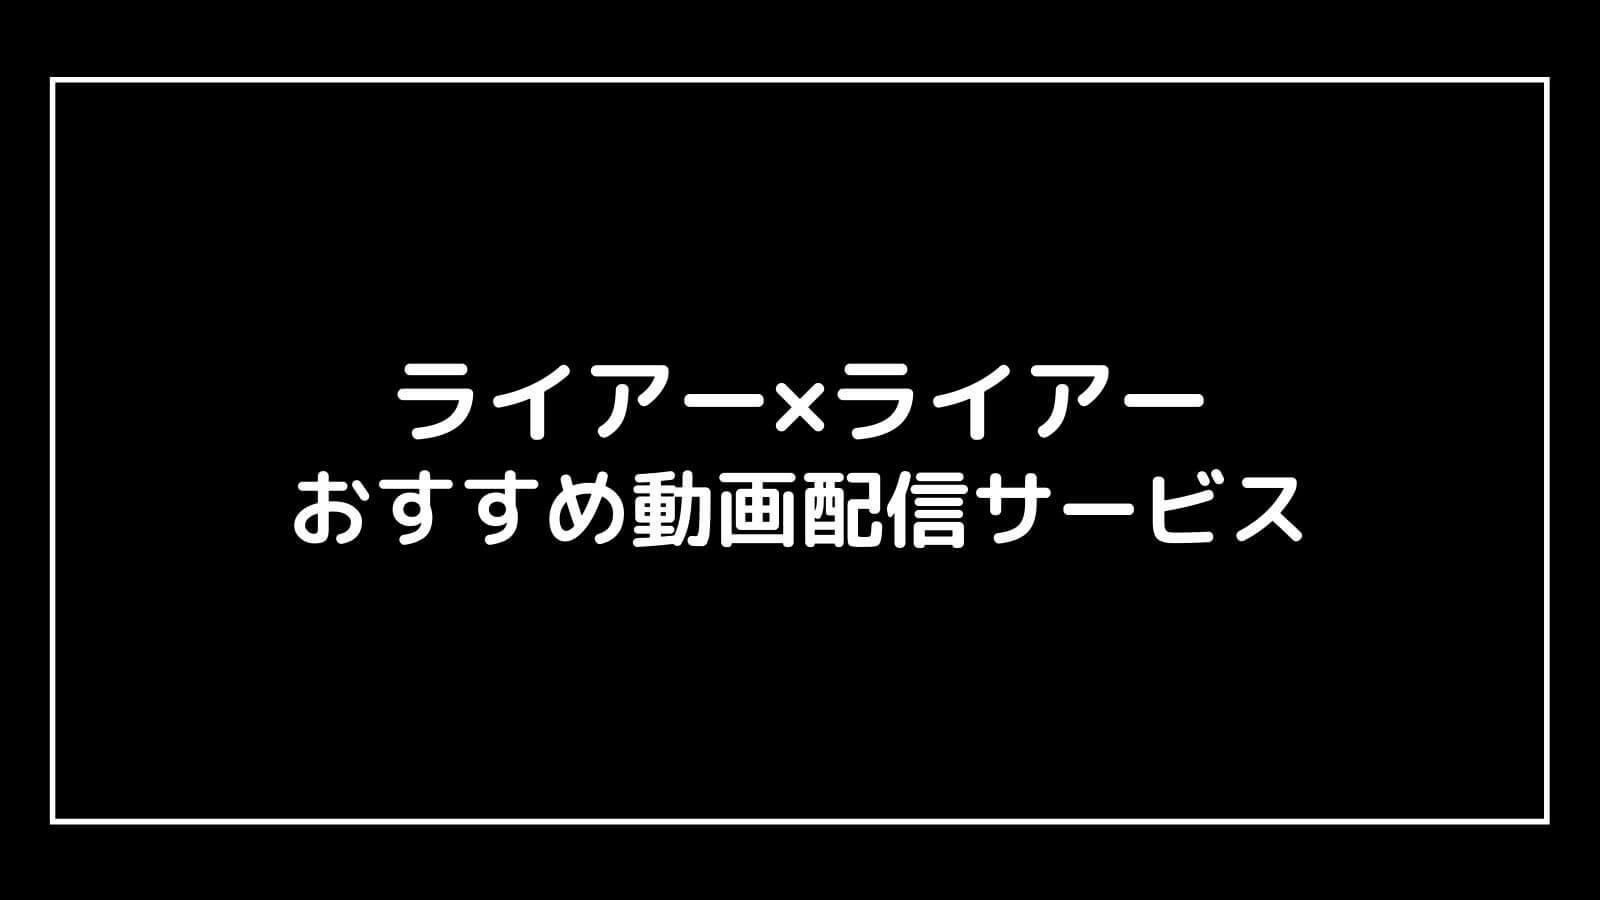 『ライアー×ライアー』の無料映画配信をフル視聴できる動画配信サイト